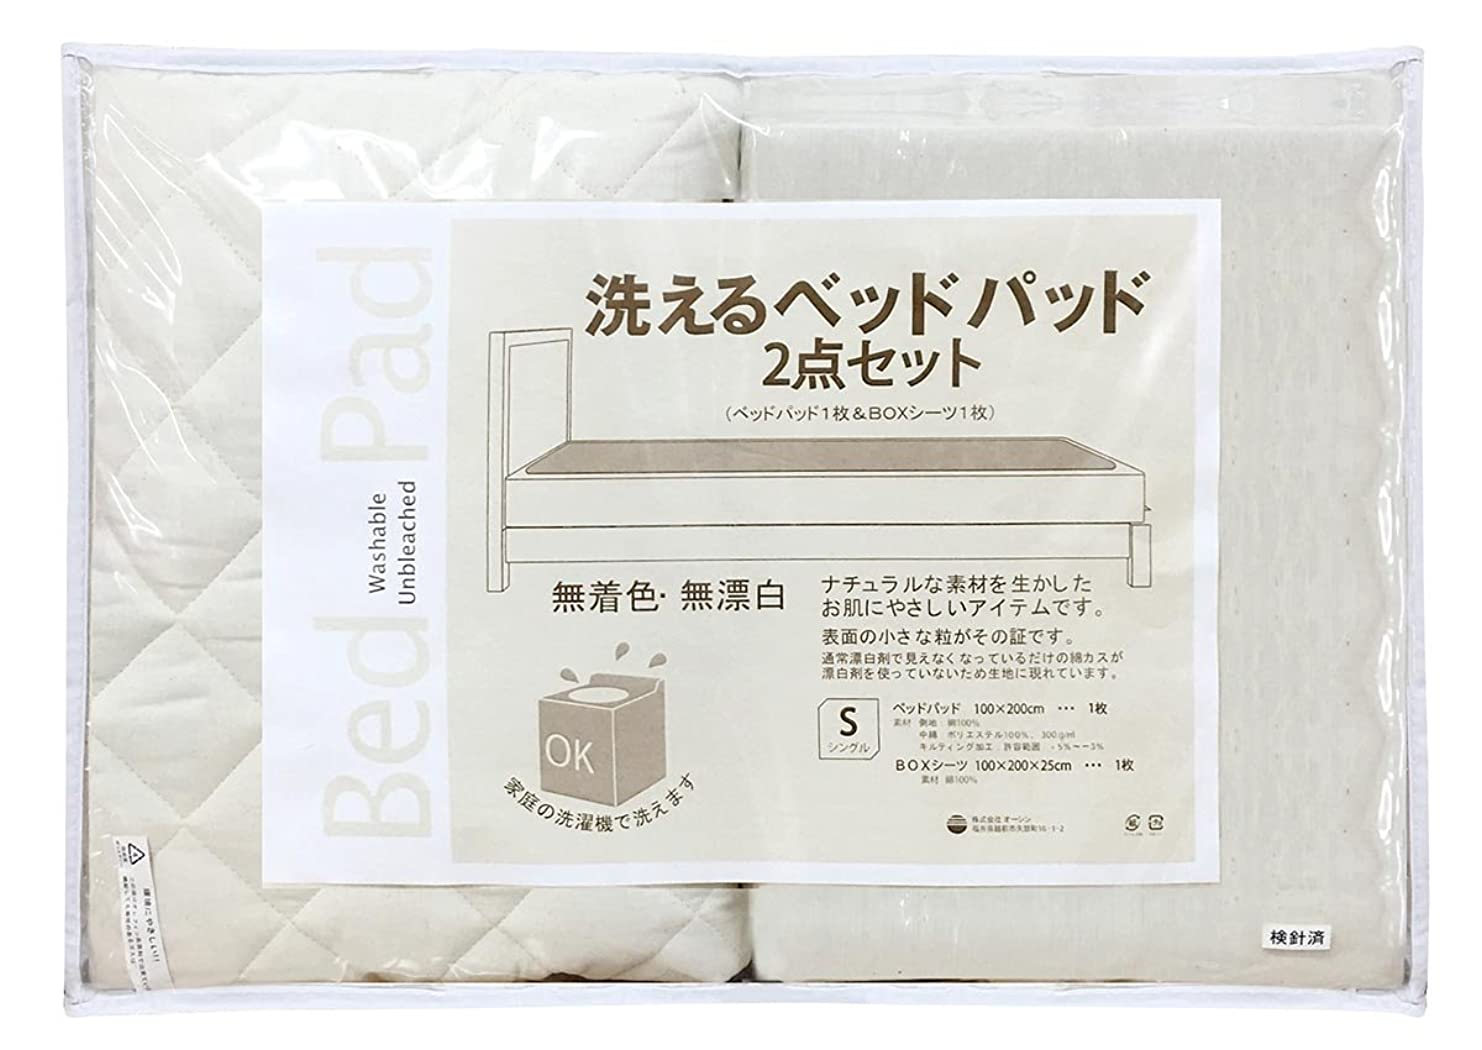 シルエットパケットピッチオーシン 寝具カバーセット ホワイト シングル ベッドパッド 2点セット ベッドパッド1枚+BOXシーツ1枚 300S2